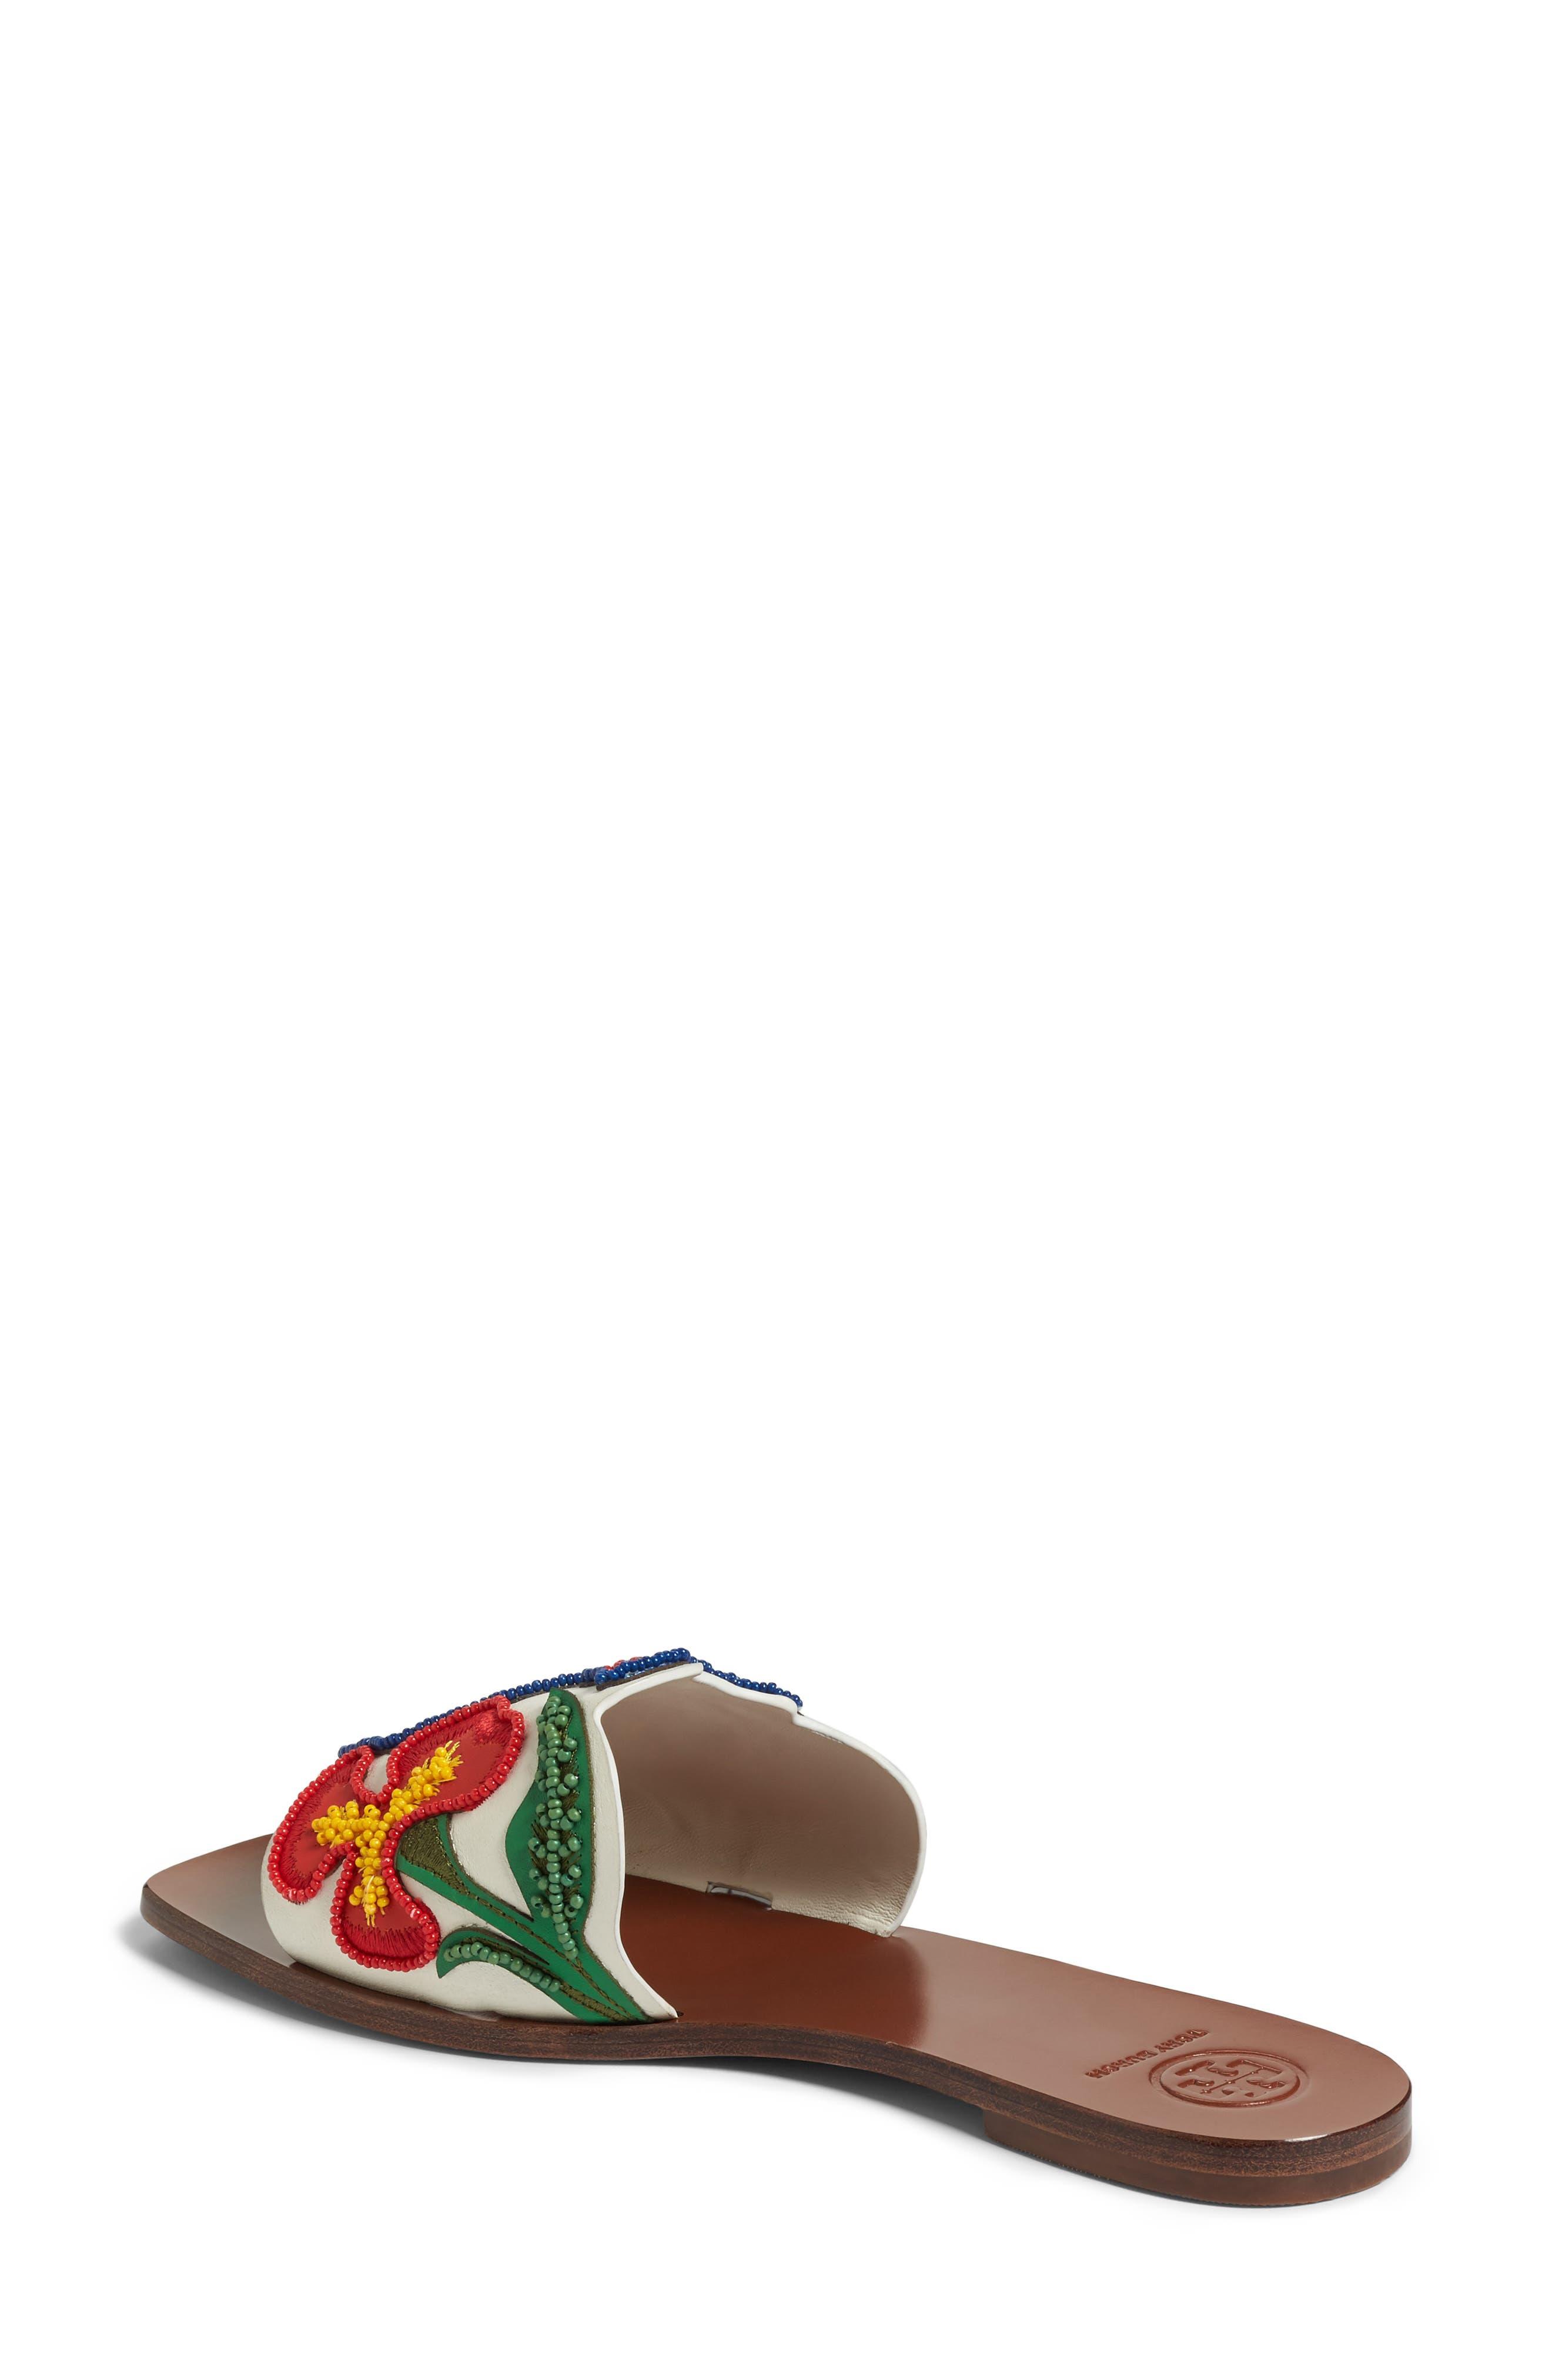 TORY BURCH,                             Bianca Floral Embellished Slide Sandal,                             Alternate thumbnail 2, color,                             900